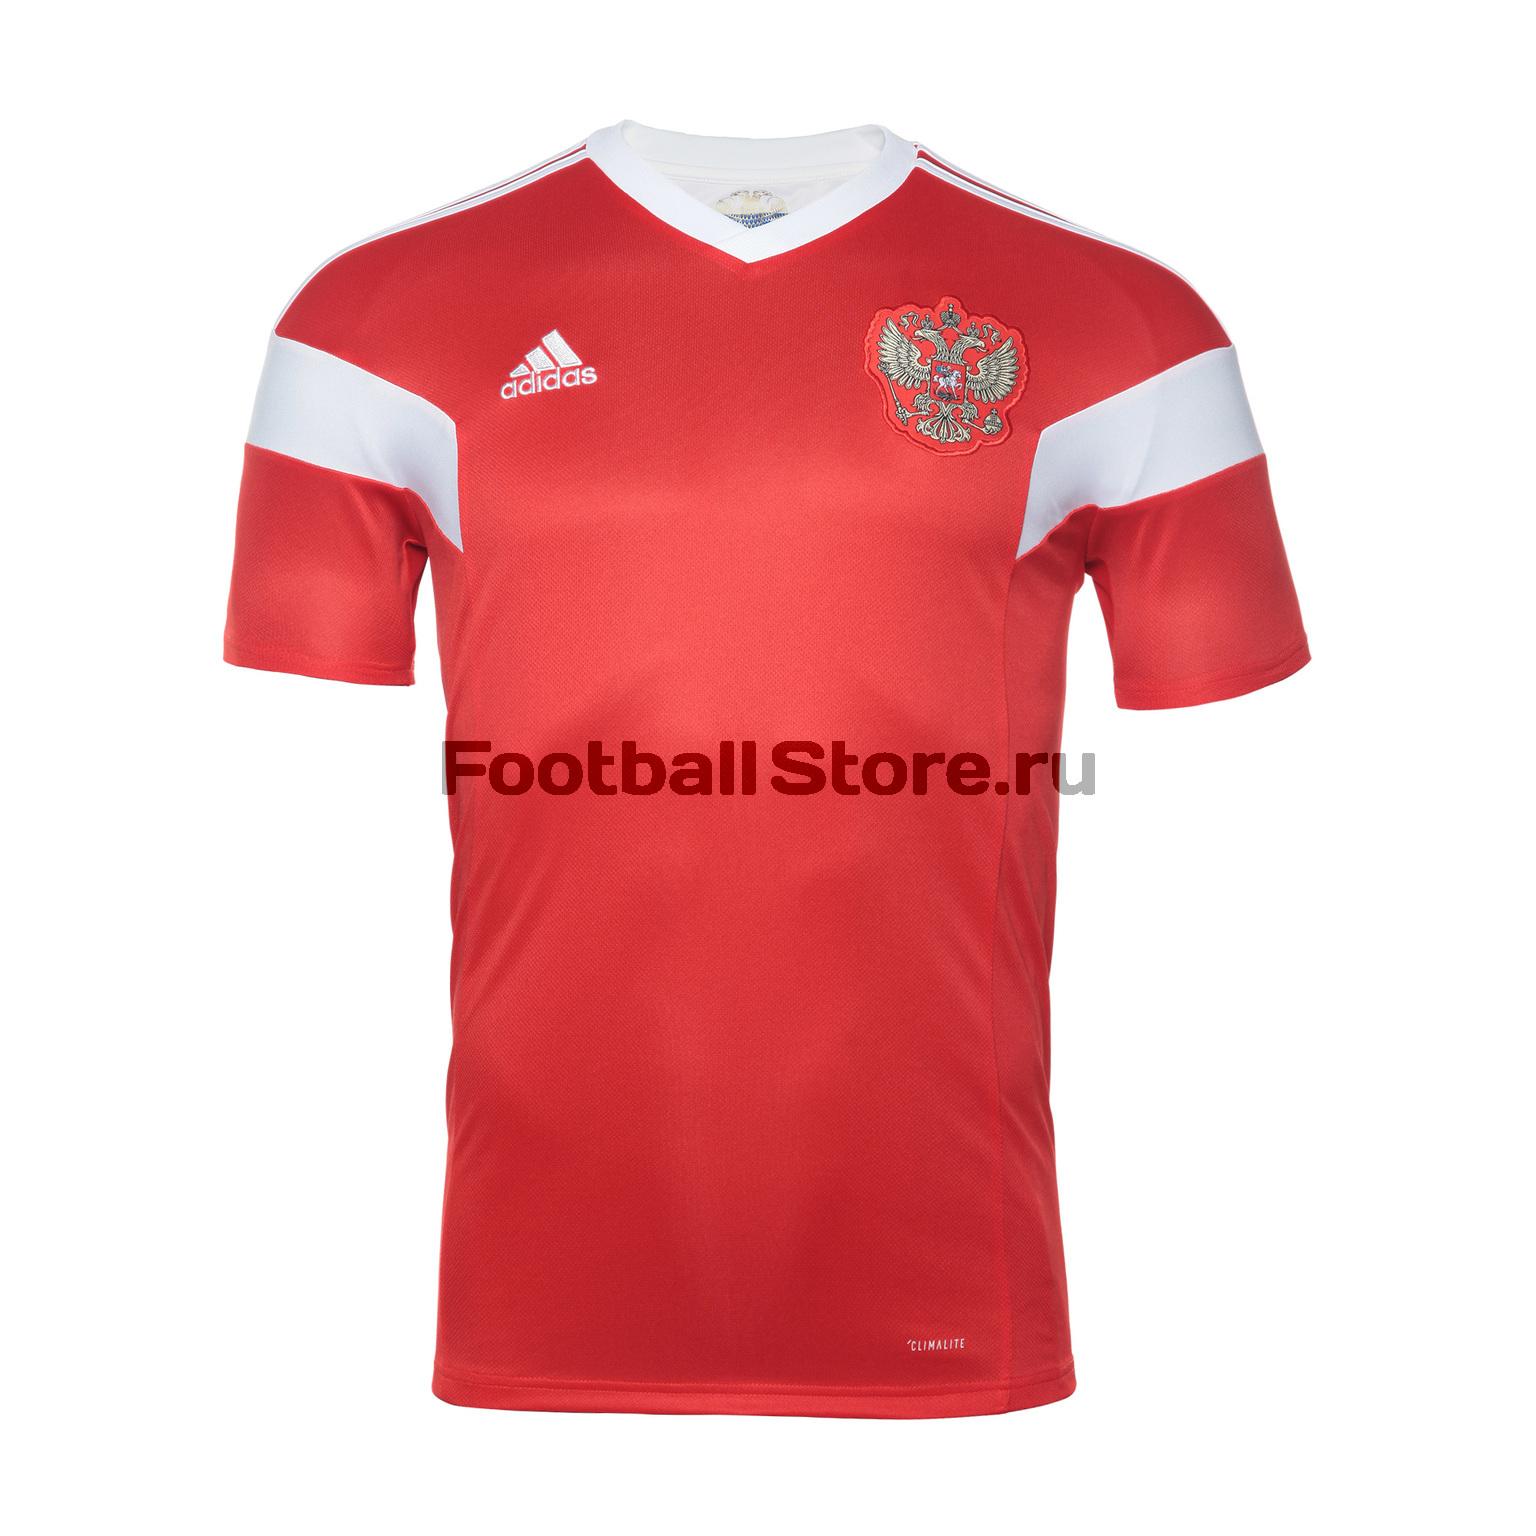 Домашняя футболка Adidas сборной России BR9055